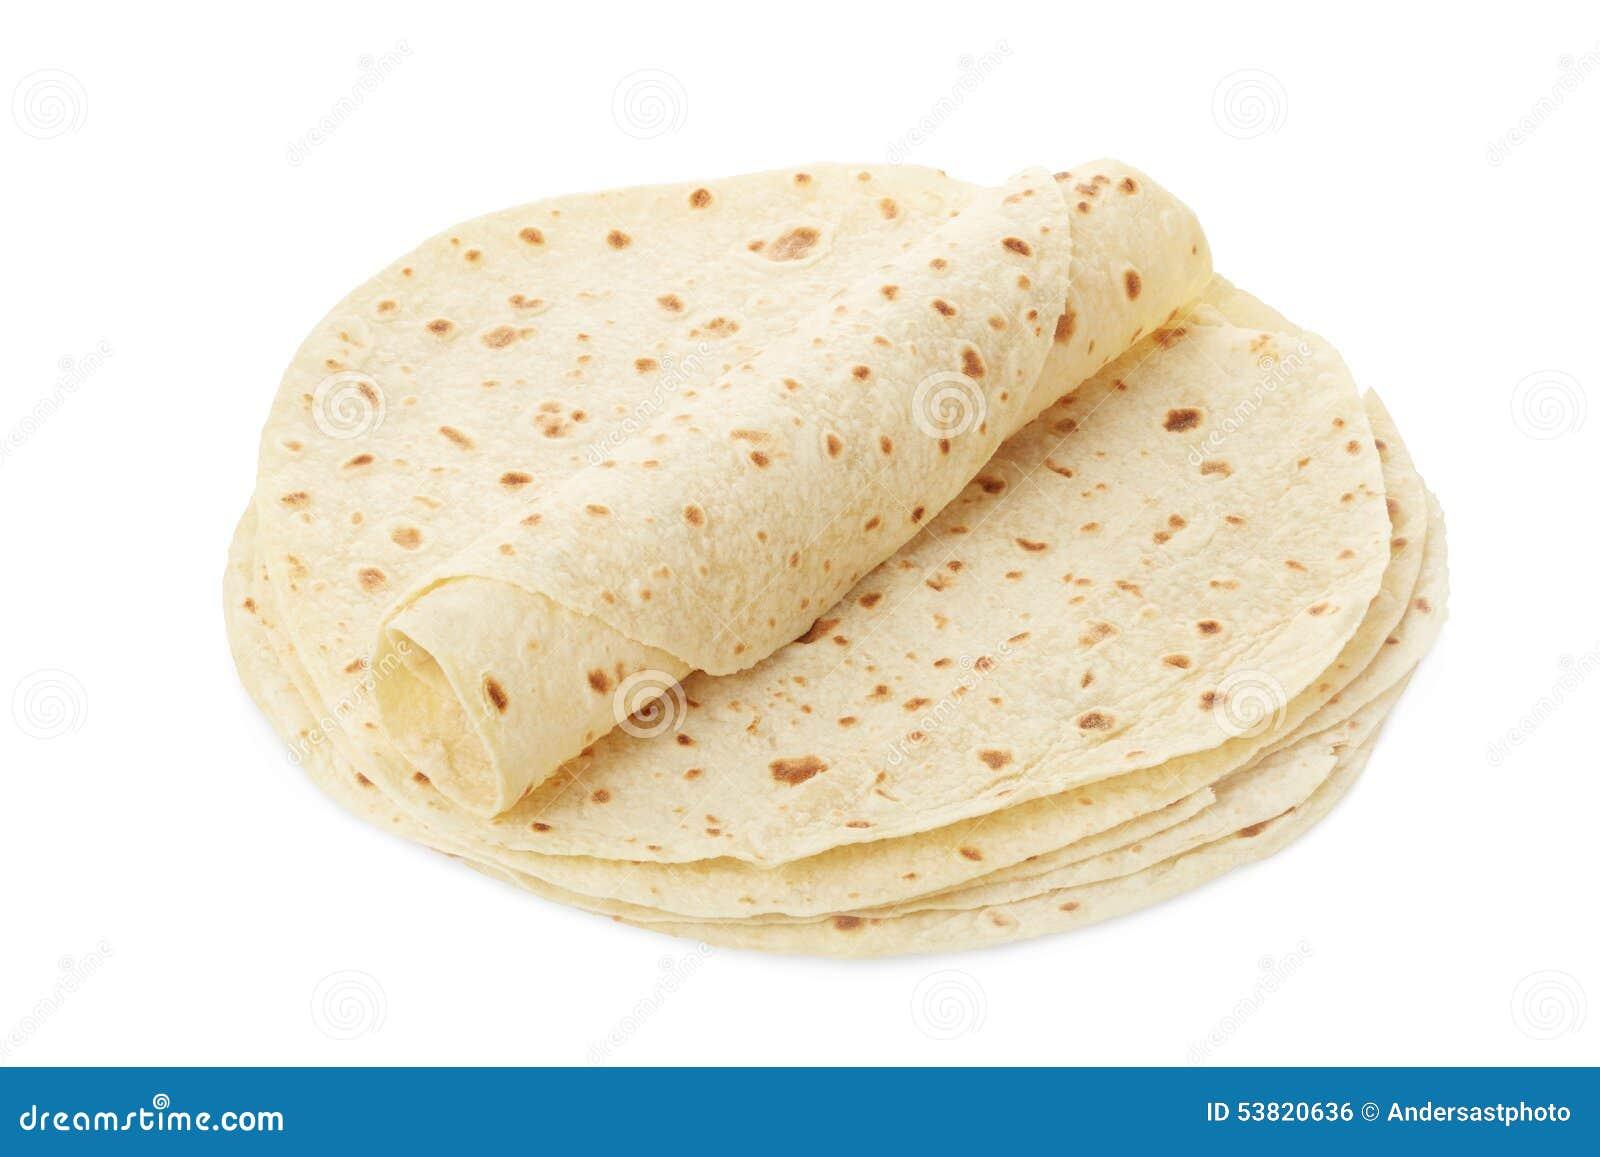 Piadina, tortilla and wrap